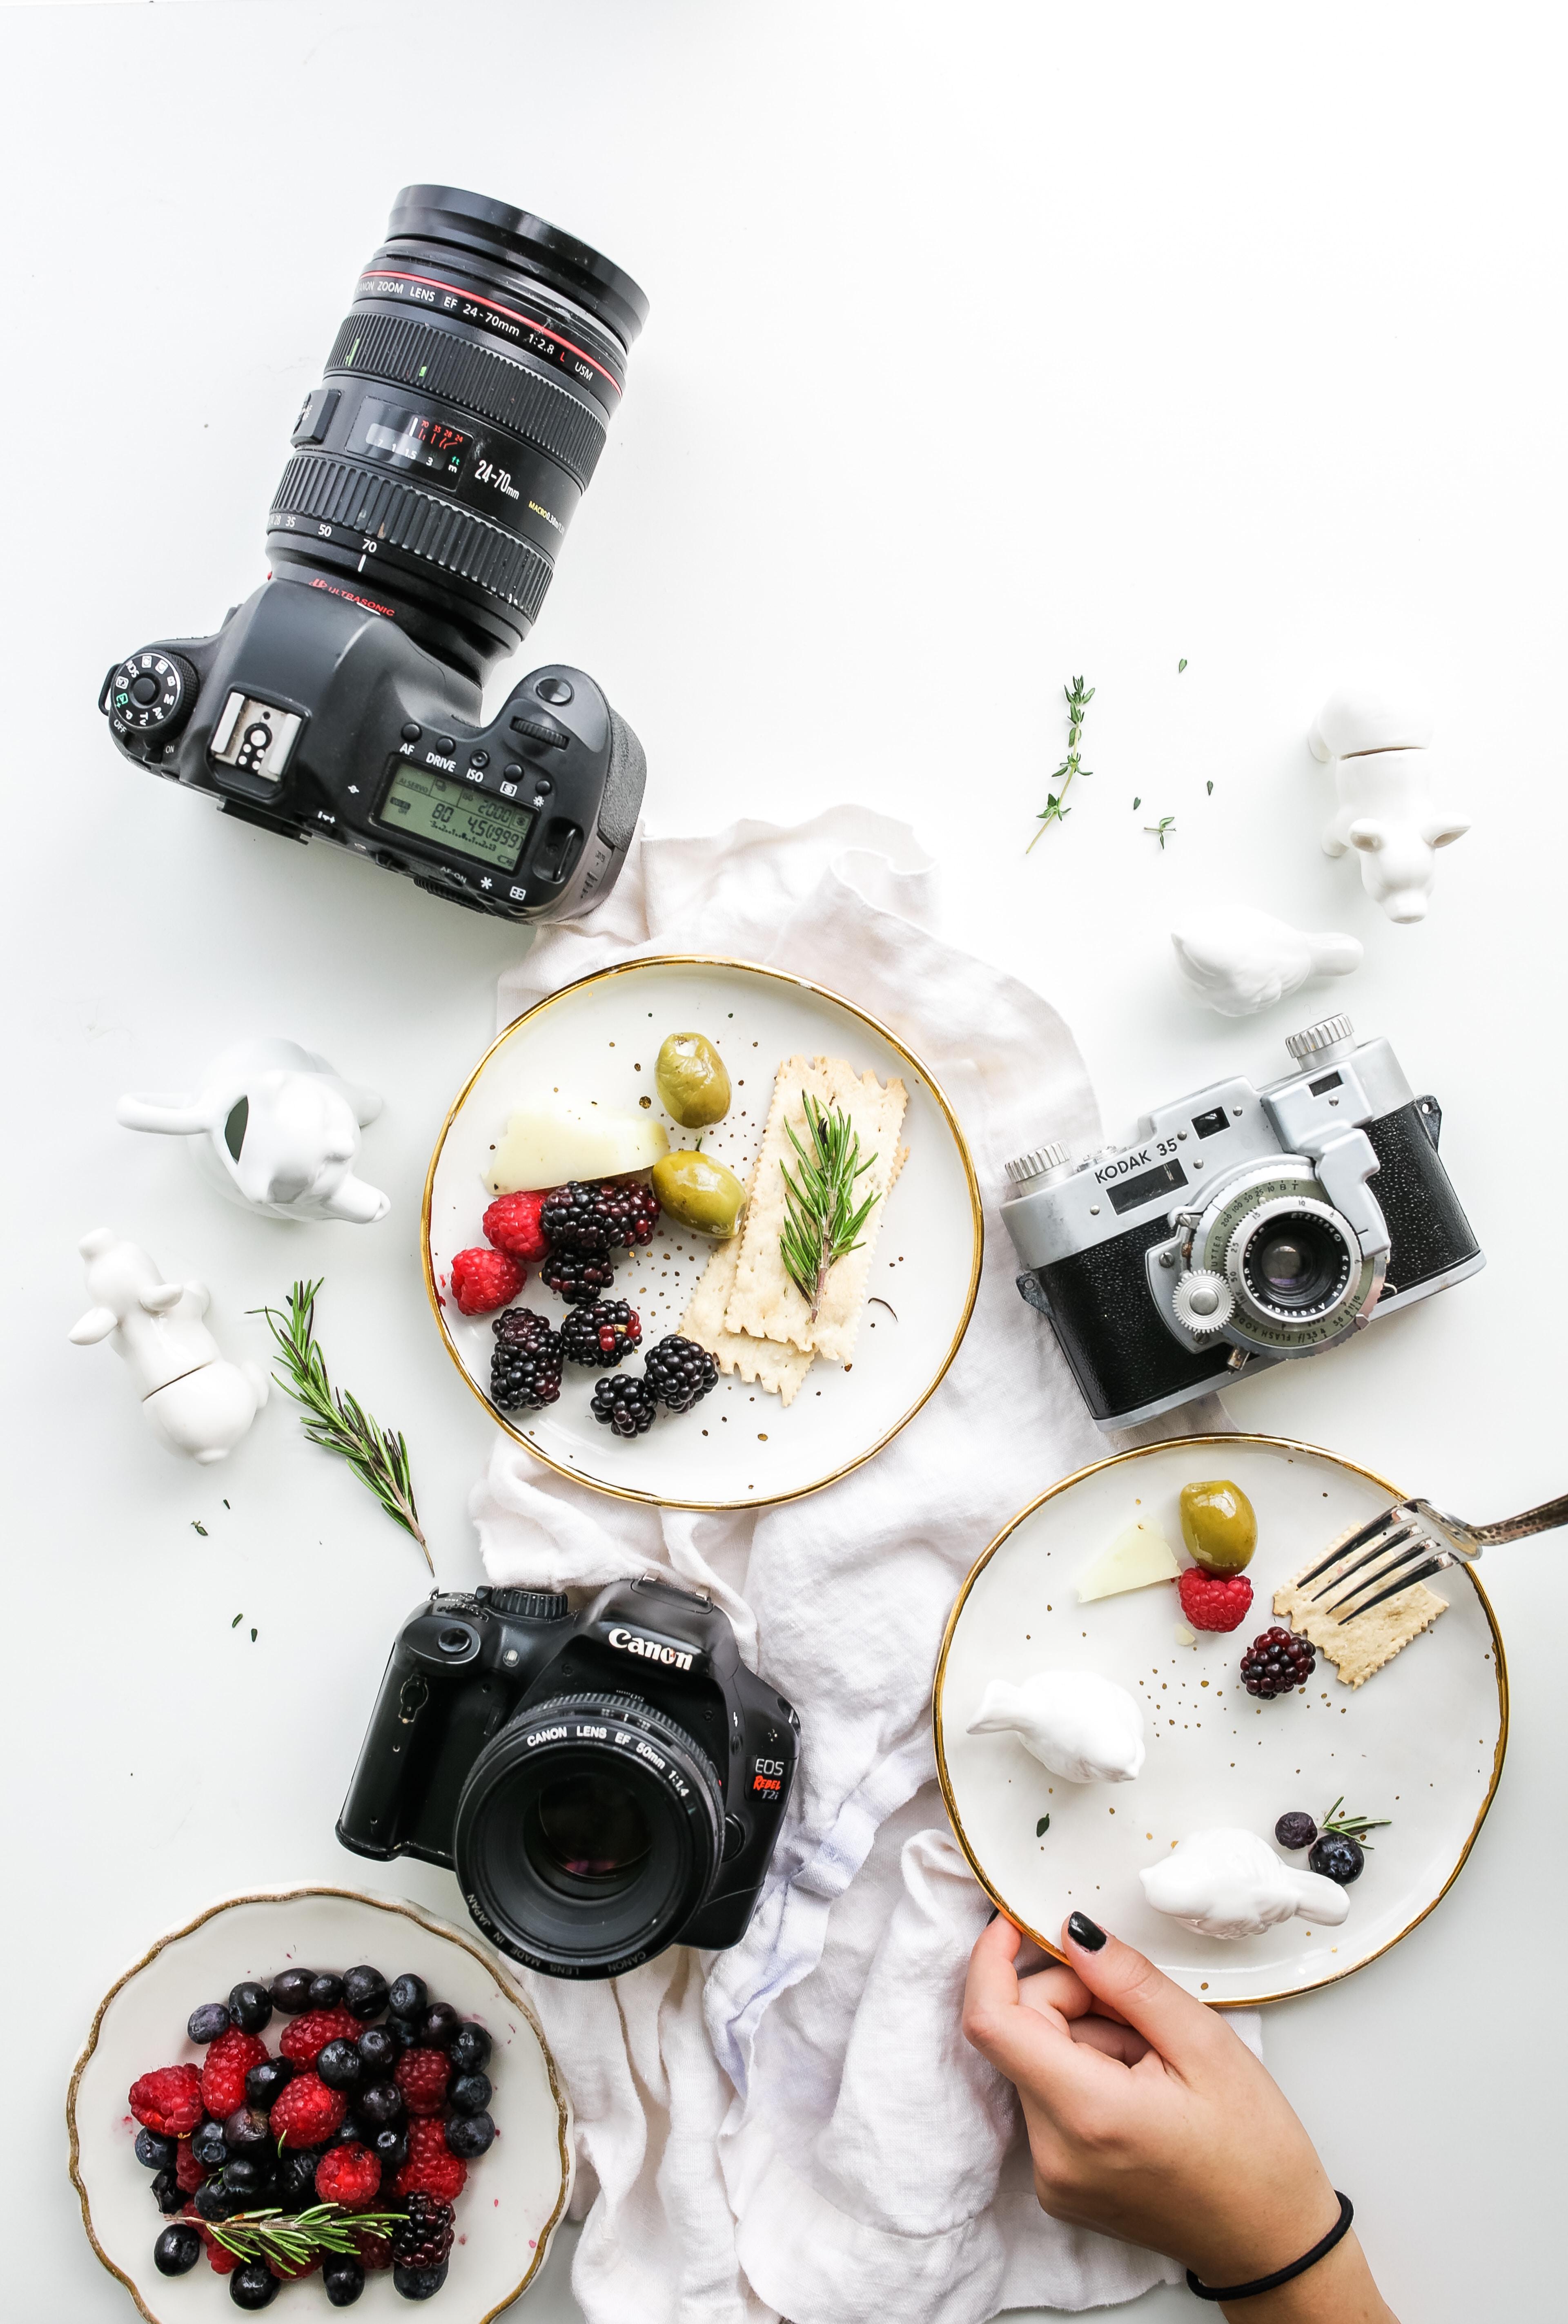 three assorted cameras near fruits and ceramic figurines